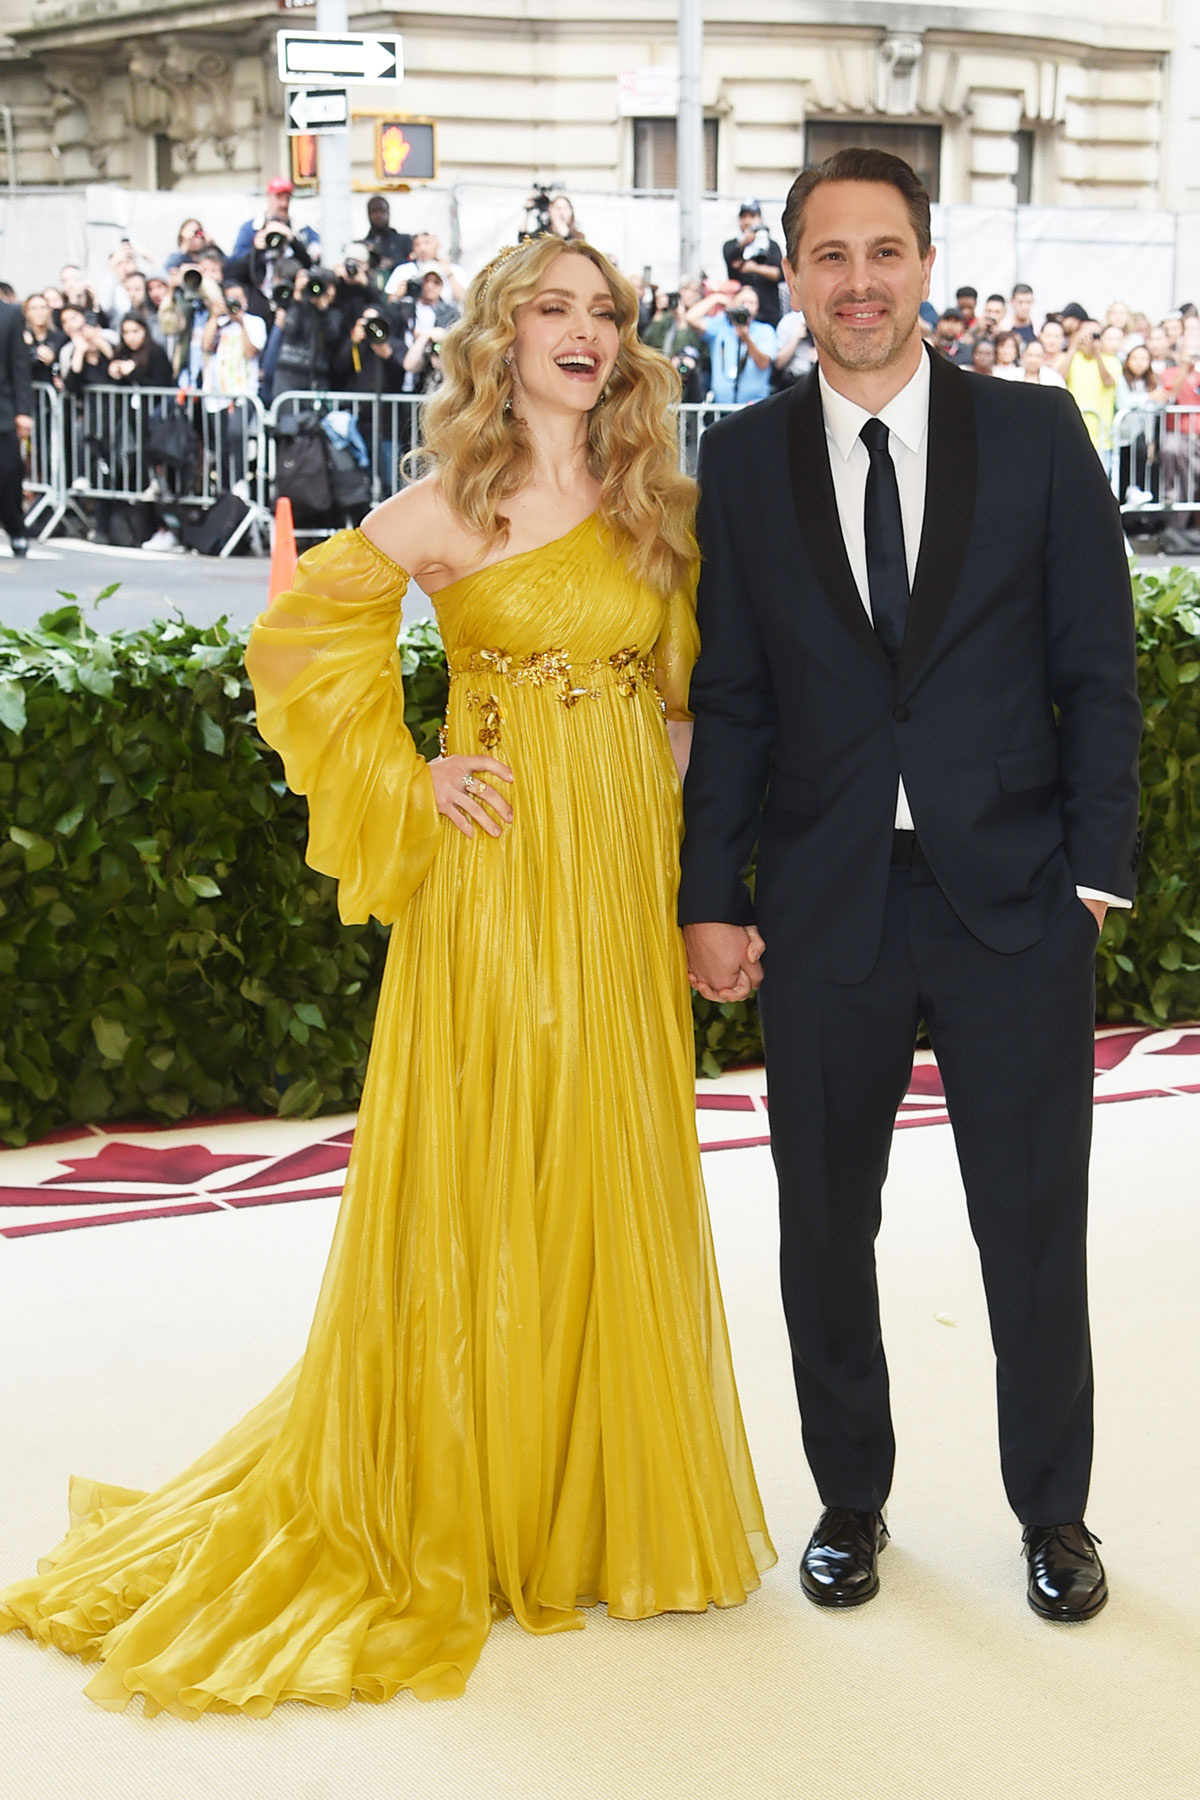 La actriz Amanda Seyfried con un vestido asimétrico y corte imperio de Prada junto a su pareja Thomas Sadoski.